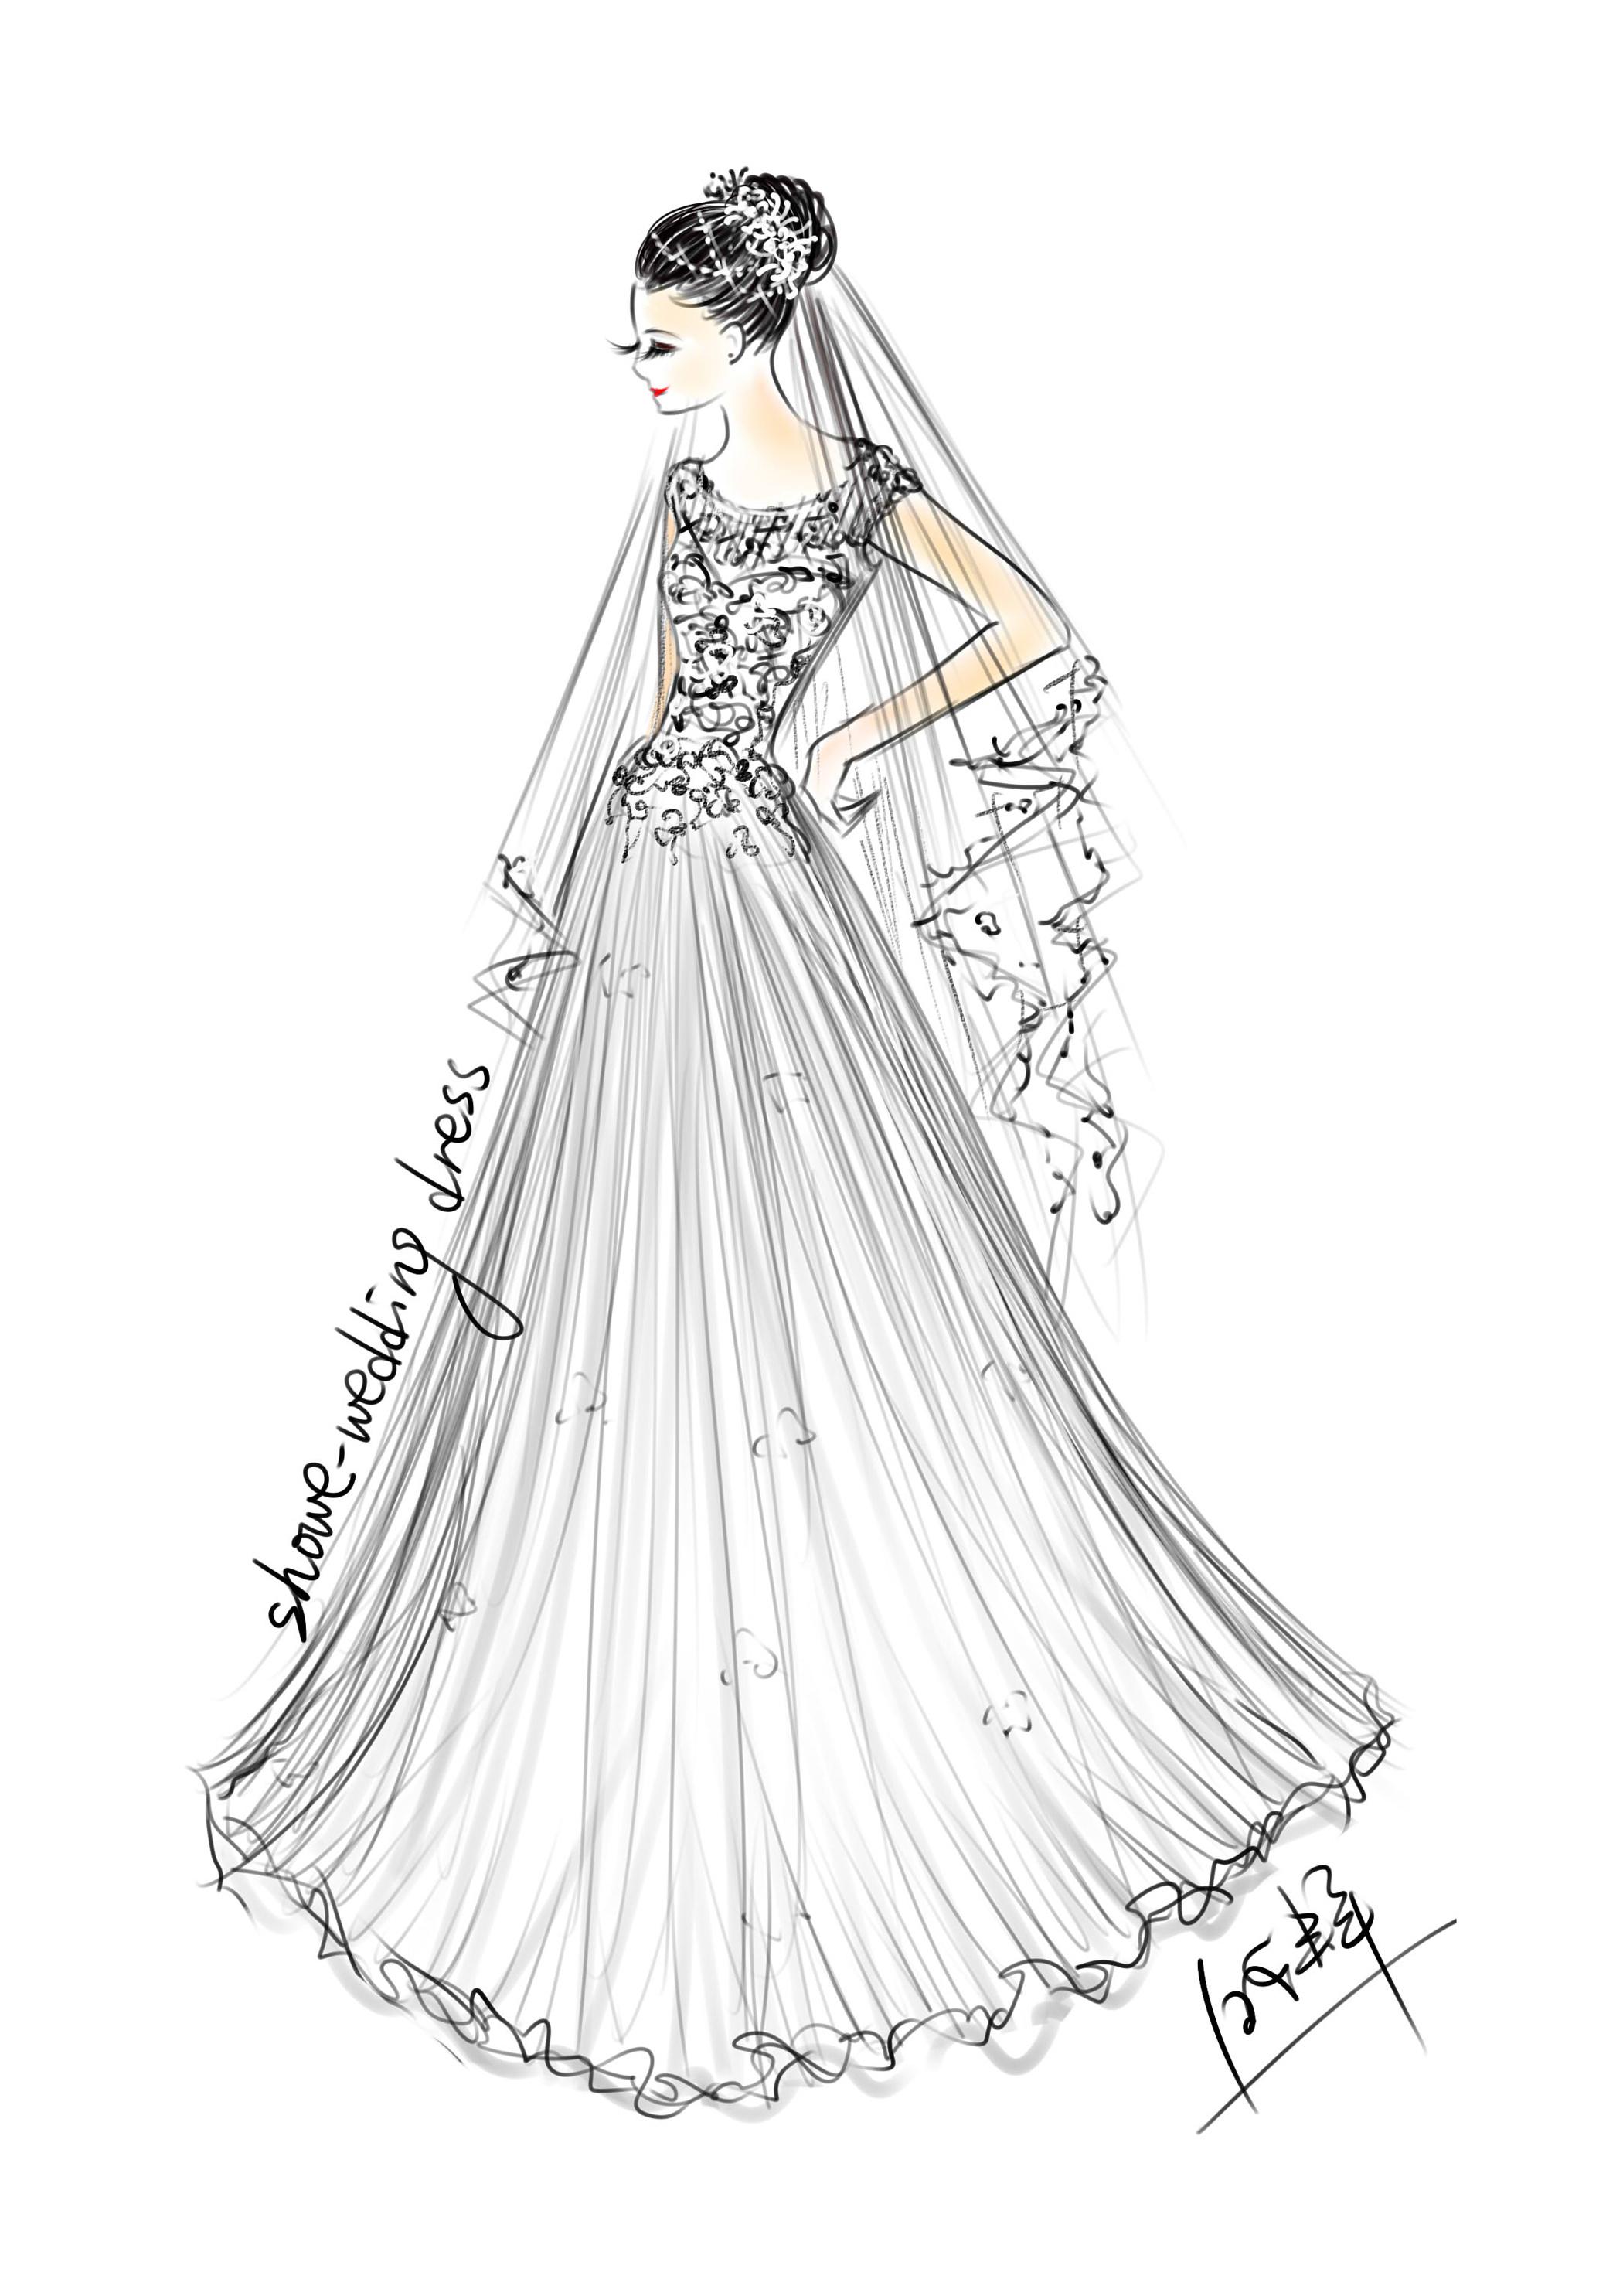 婚纱设计手稿|服装|正装/礼服